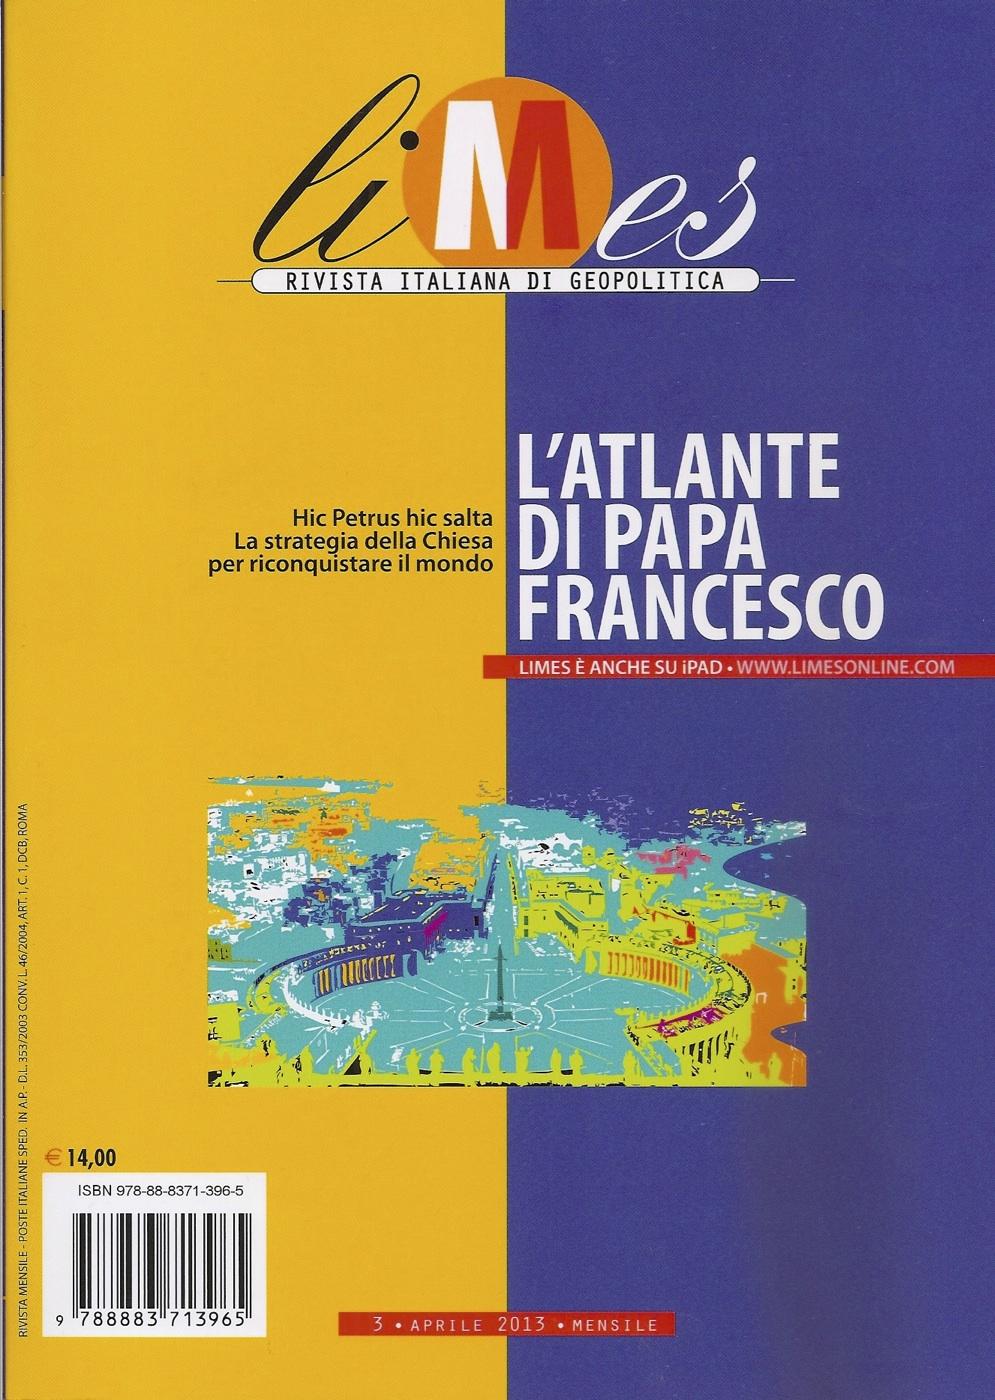 Limes. Rivista italiana di geopolitica (aprile 2013)